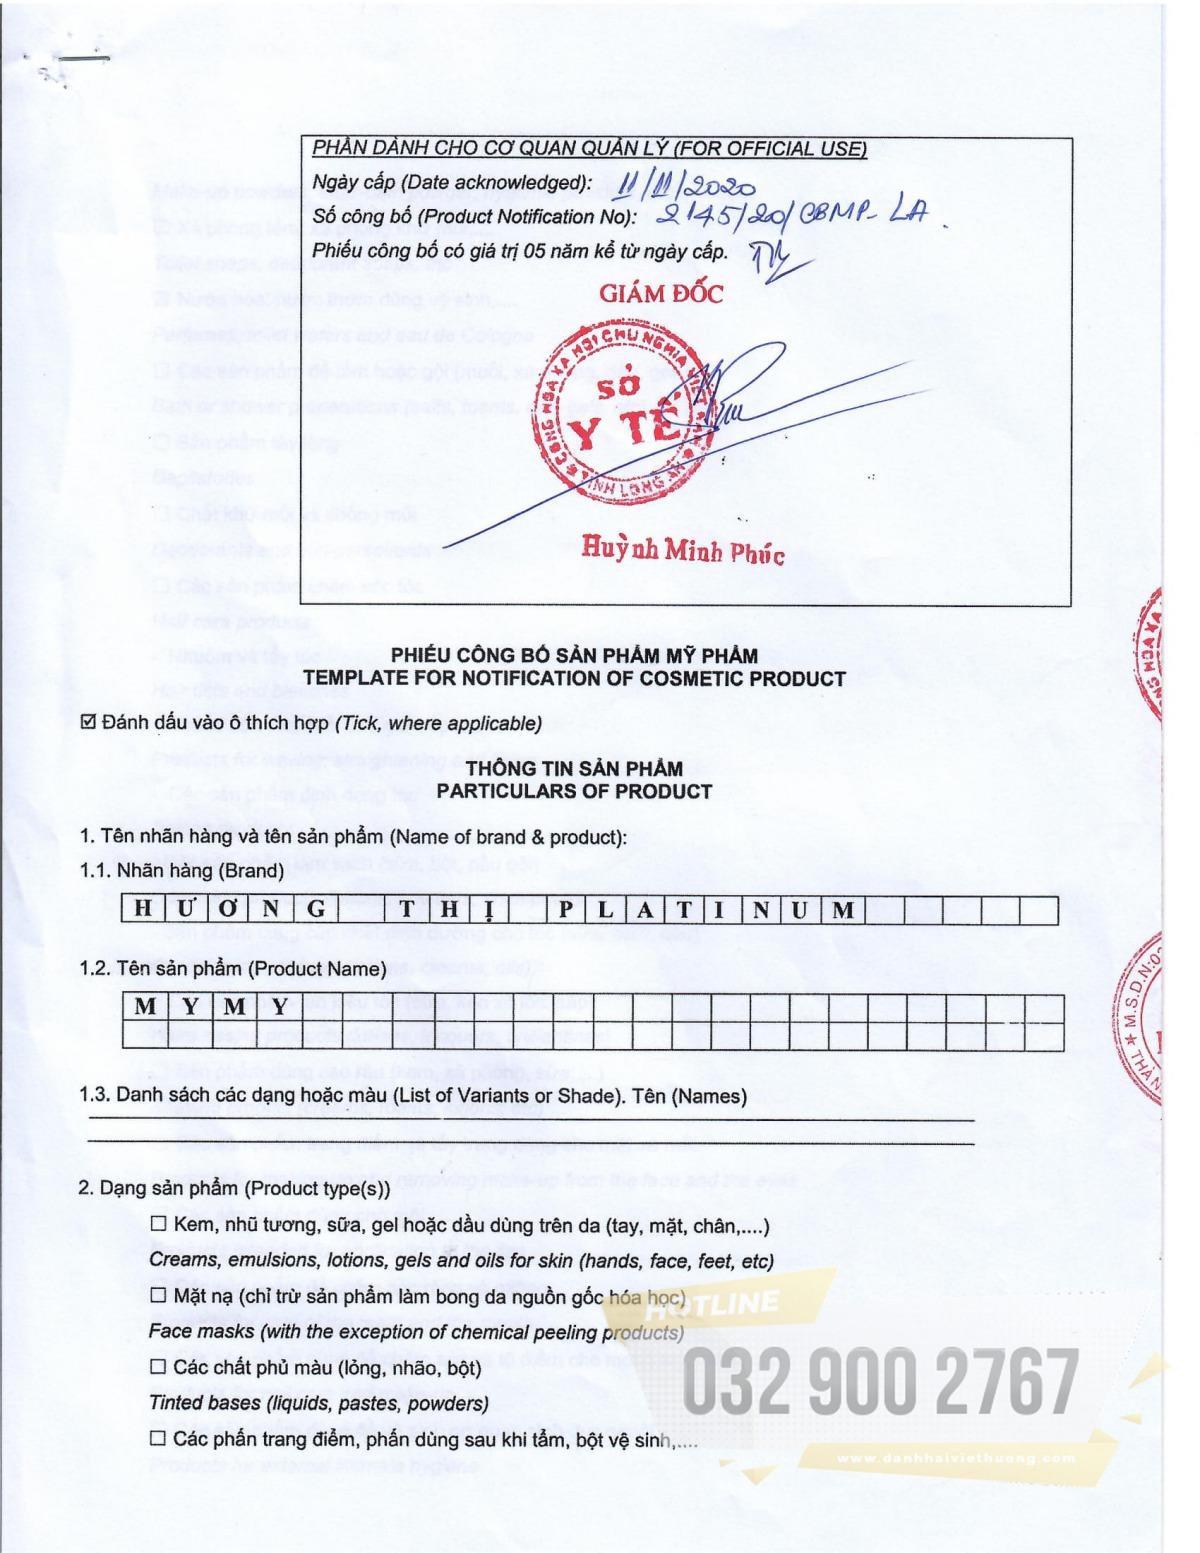 giấy chứng nhận từ Sở Y Tế cho sản phẩm nước hoa cao cấp Hương Thị